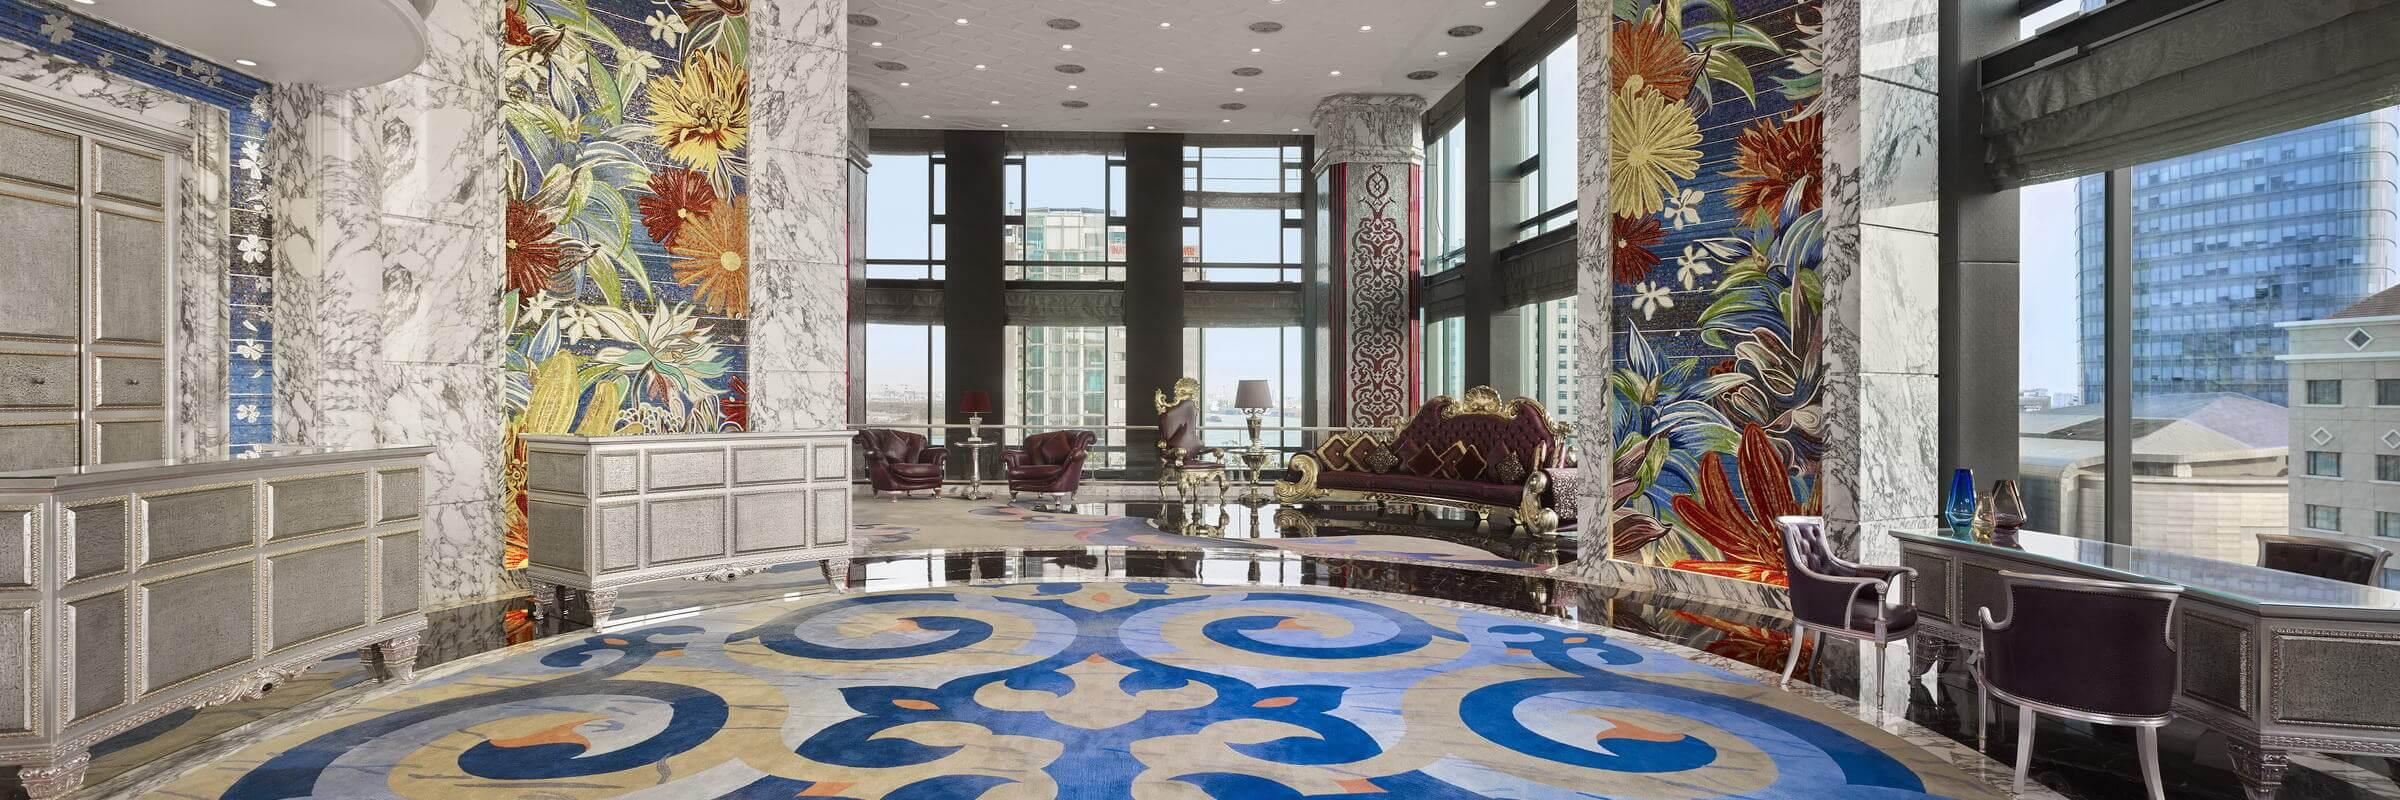 """Das freundliche und zuvorkommende Personal im Luxushotel """"The Reverie Saigon"""" sorgt dafür, dass bei den Gästen keine Wünsche offenbleiben."""